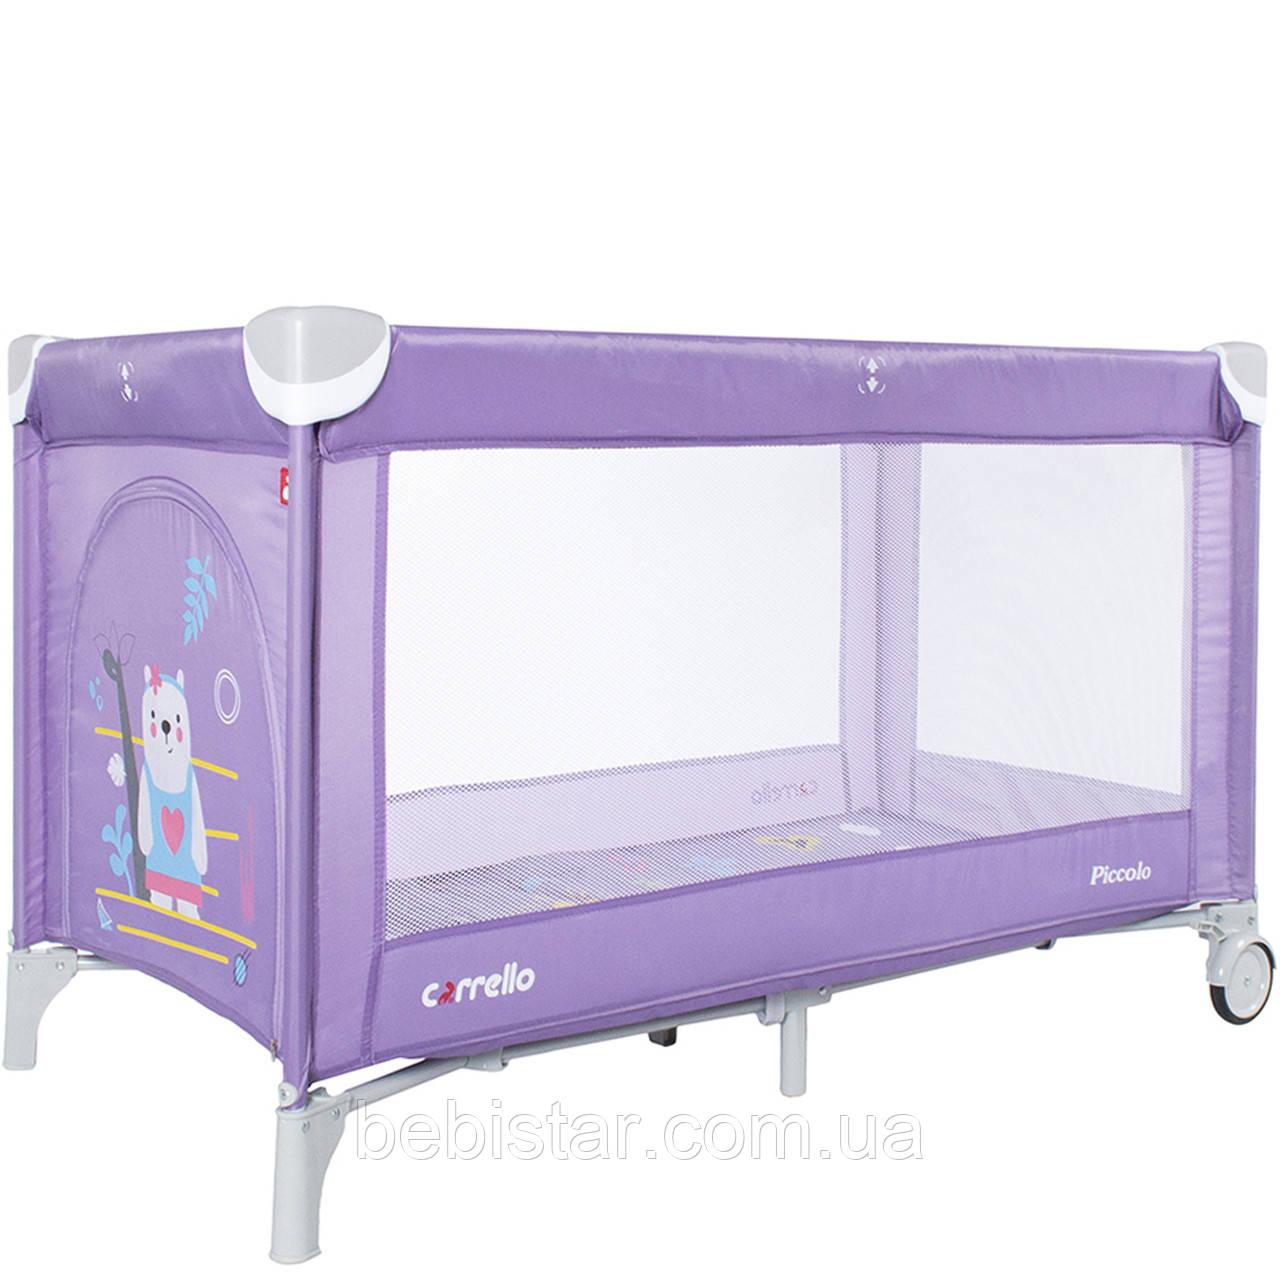 Детский игровой манеж фиолетовый Carrello Piccolo с колесами дверцей на молнии сумкой от рождения до 3-х лет